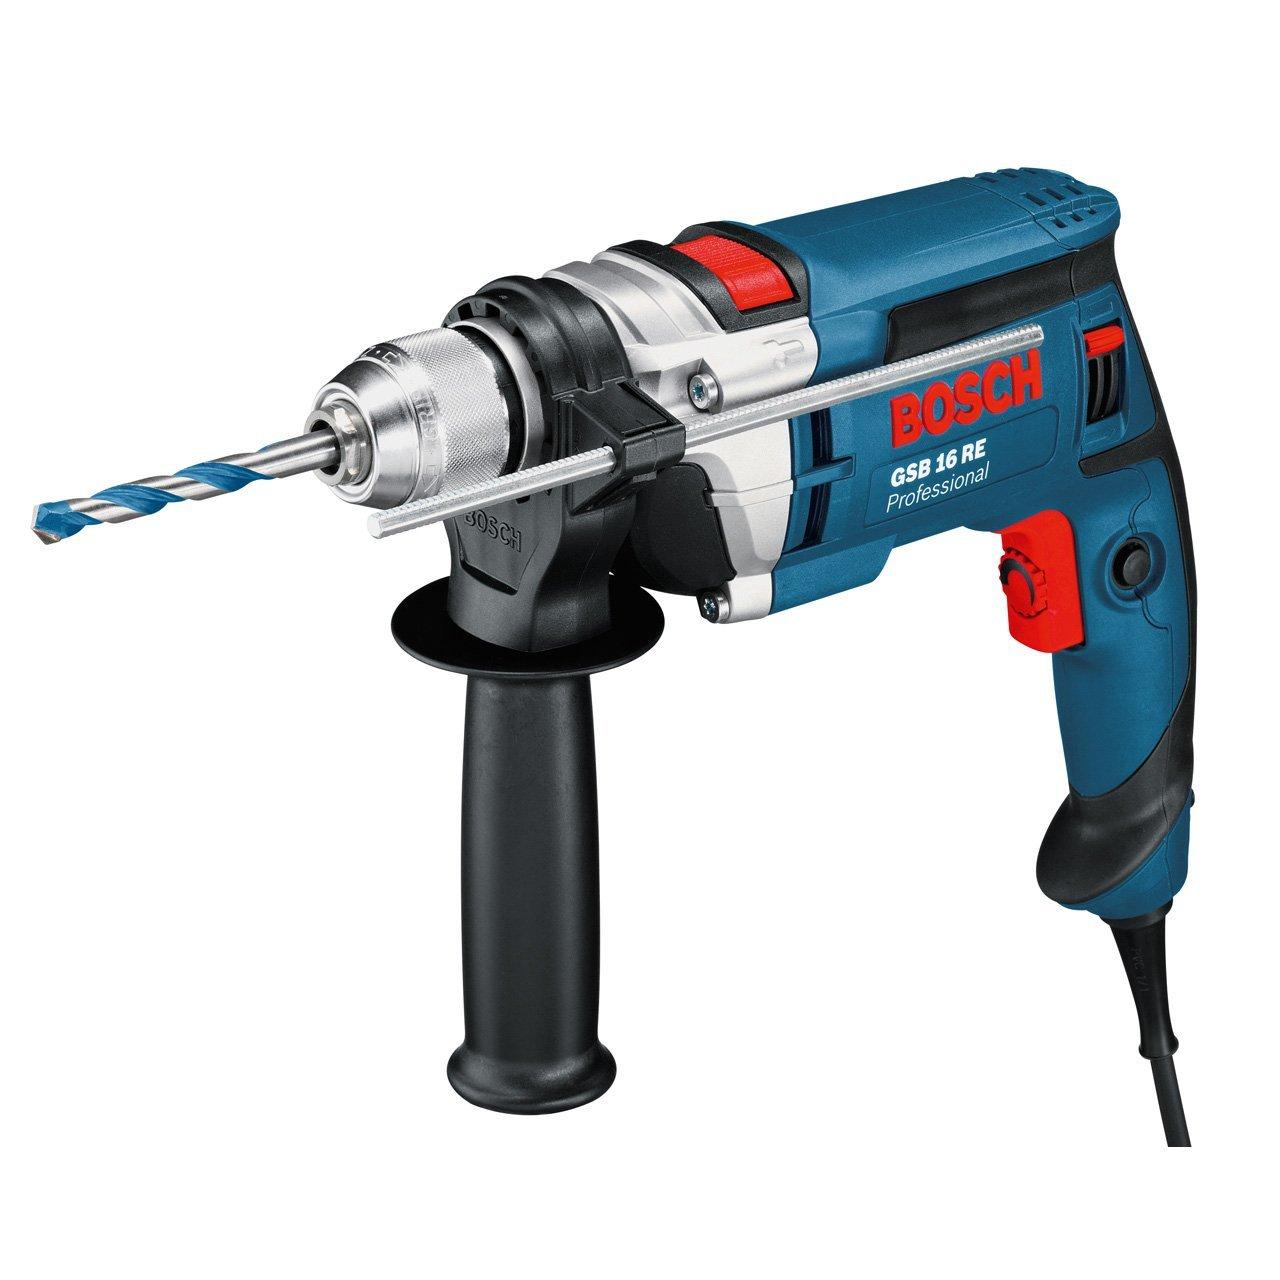 Bosch Gsb 16 Re Impact Drill 100 Pcs End 7 3 2019 1015 Pm Hot Air Gun Accessory Set